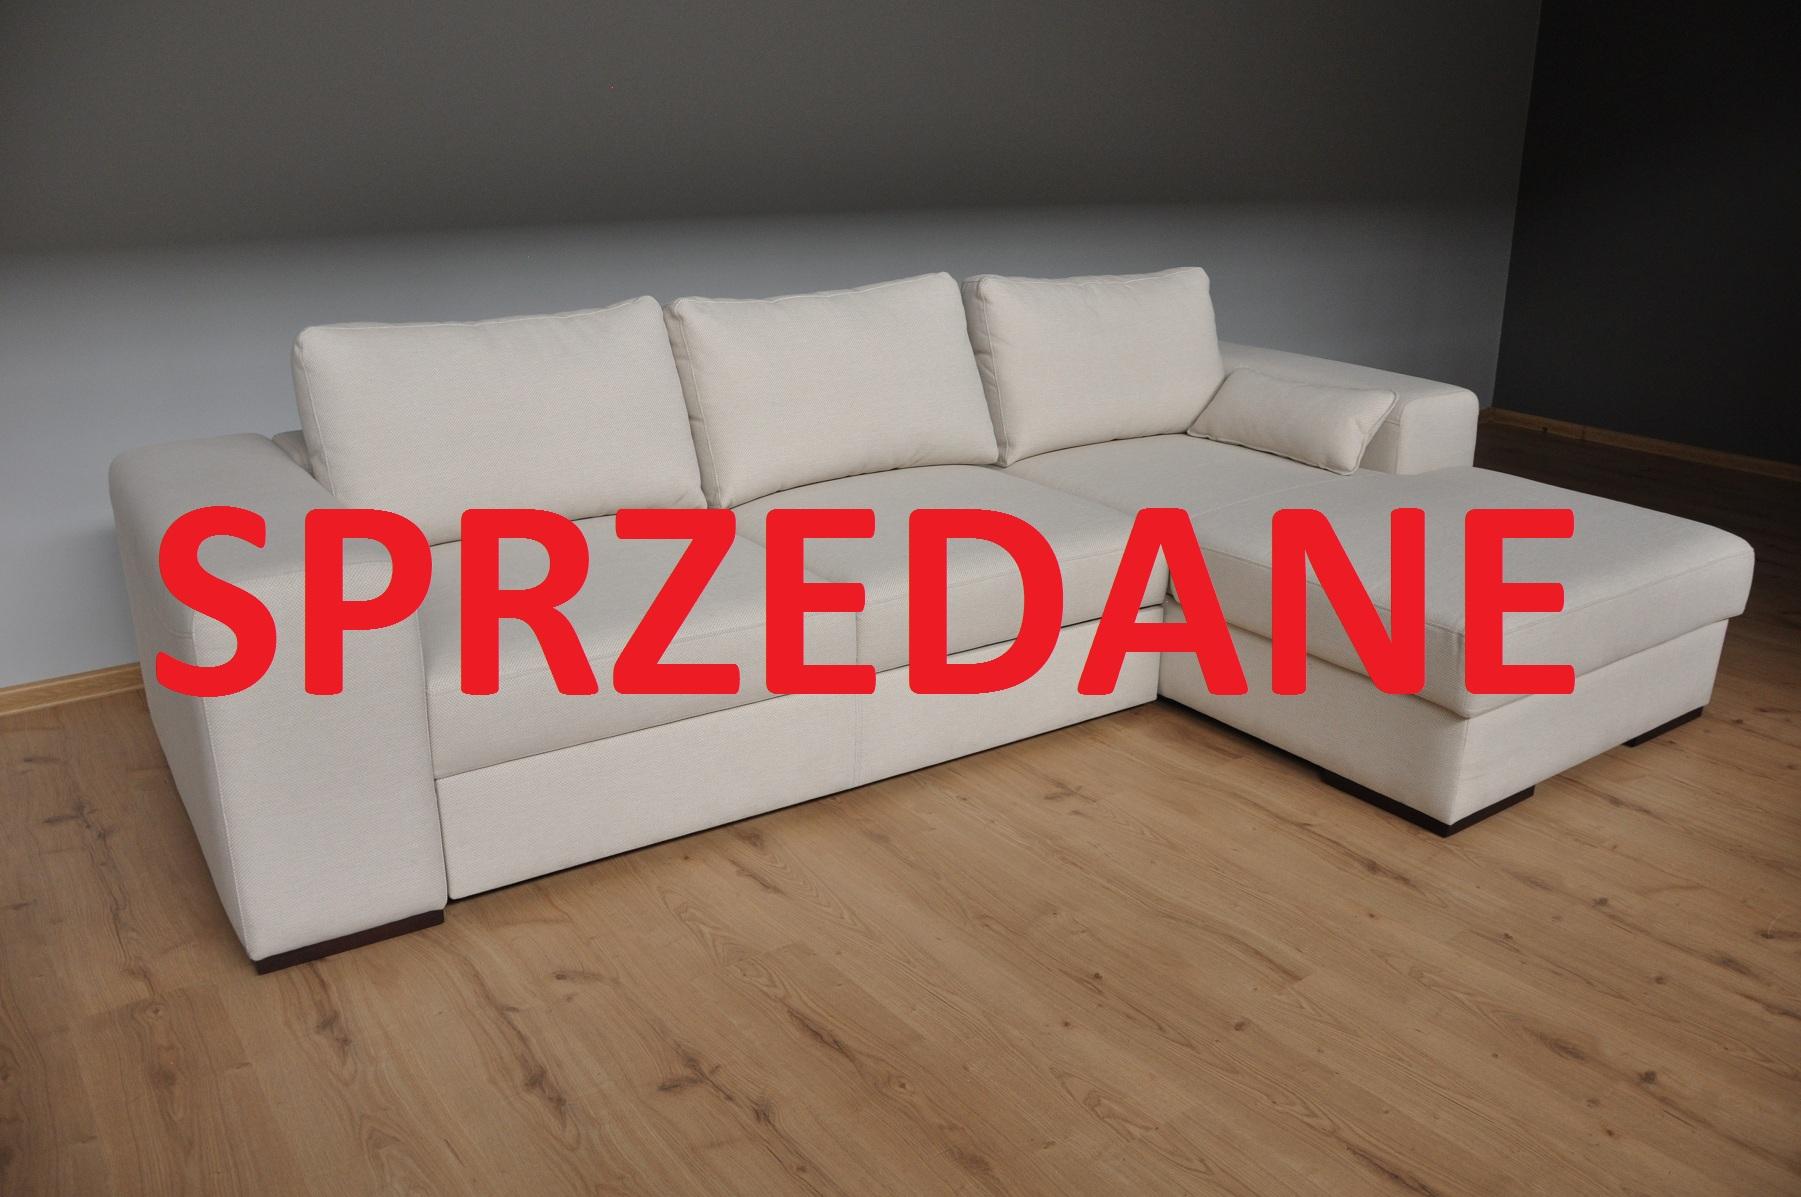 CCASTELLO Caya Design Warszawa Studio Komfort narożnik z funkcją spania i pojemnikiem SPRZEDANE